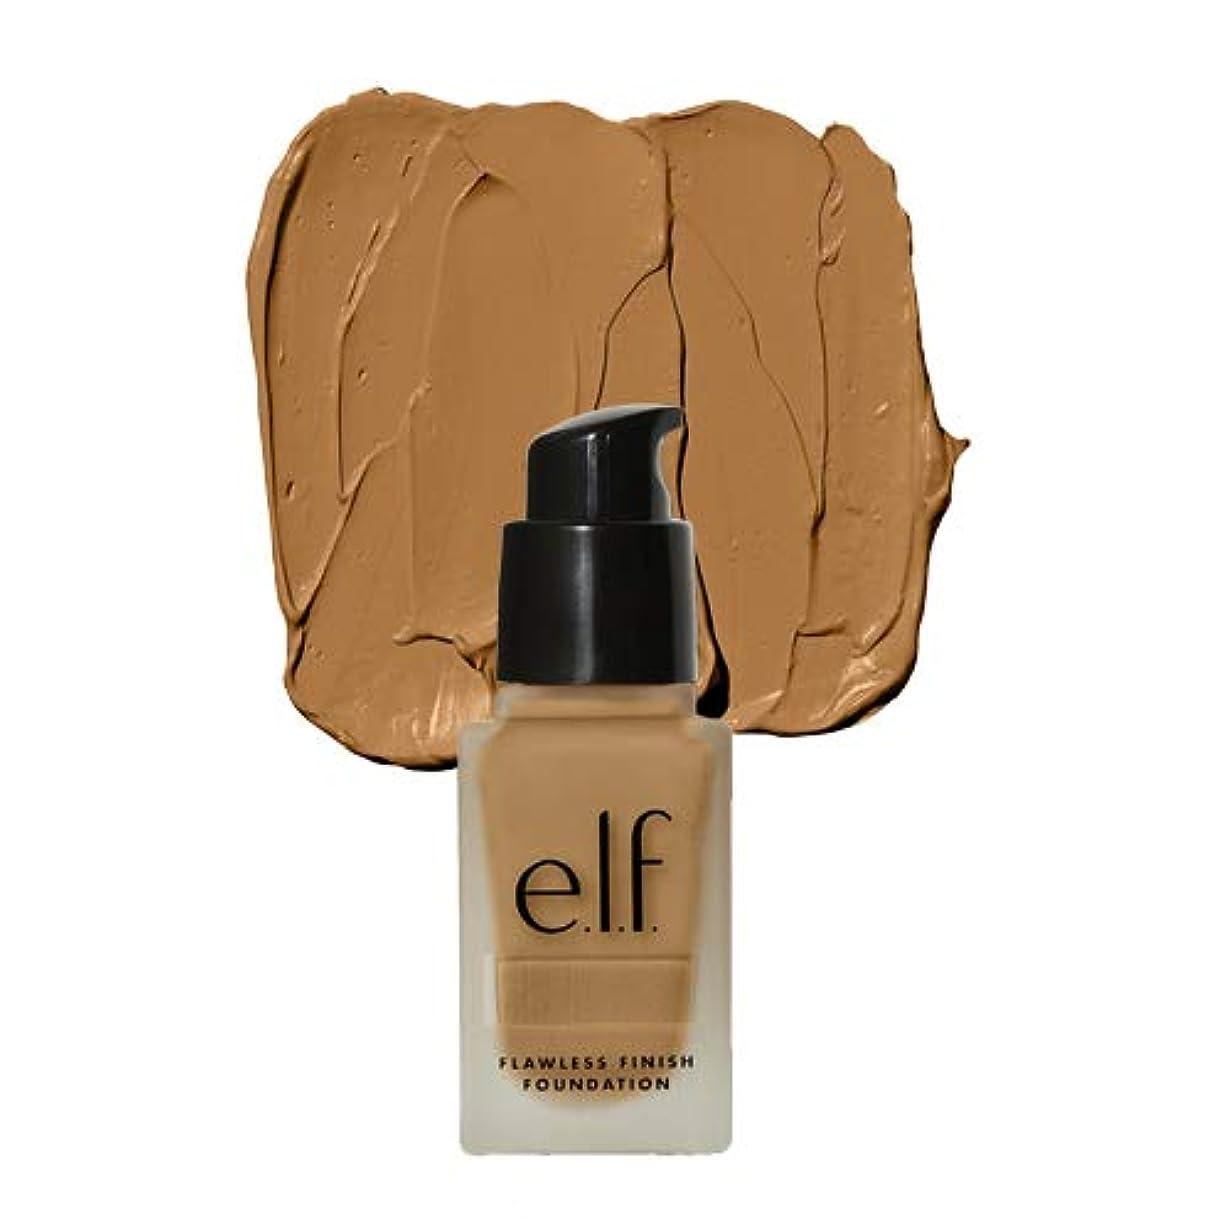 宴会バクテリアブラウス(6 Pack) e.l.f. Oil Free Flawless Finish Foundation - Linen (並行輸入品)